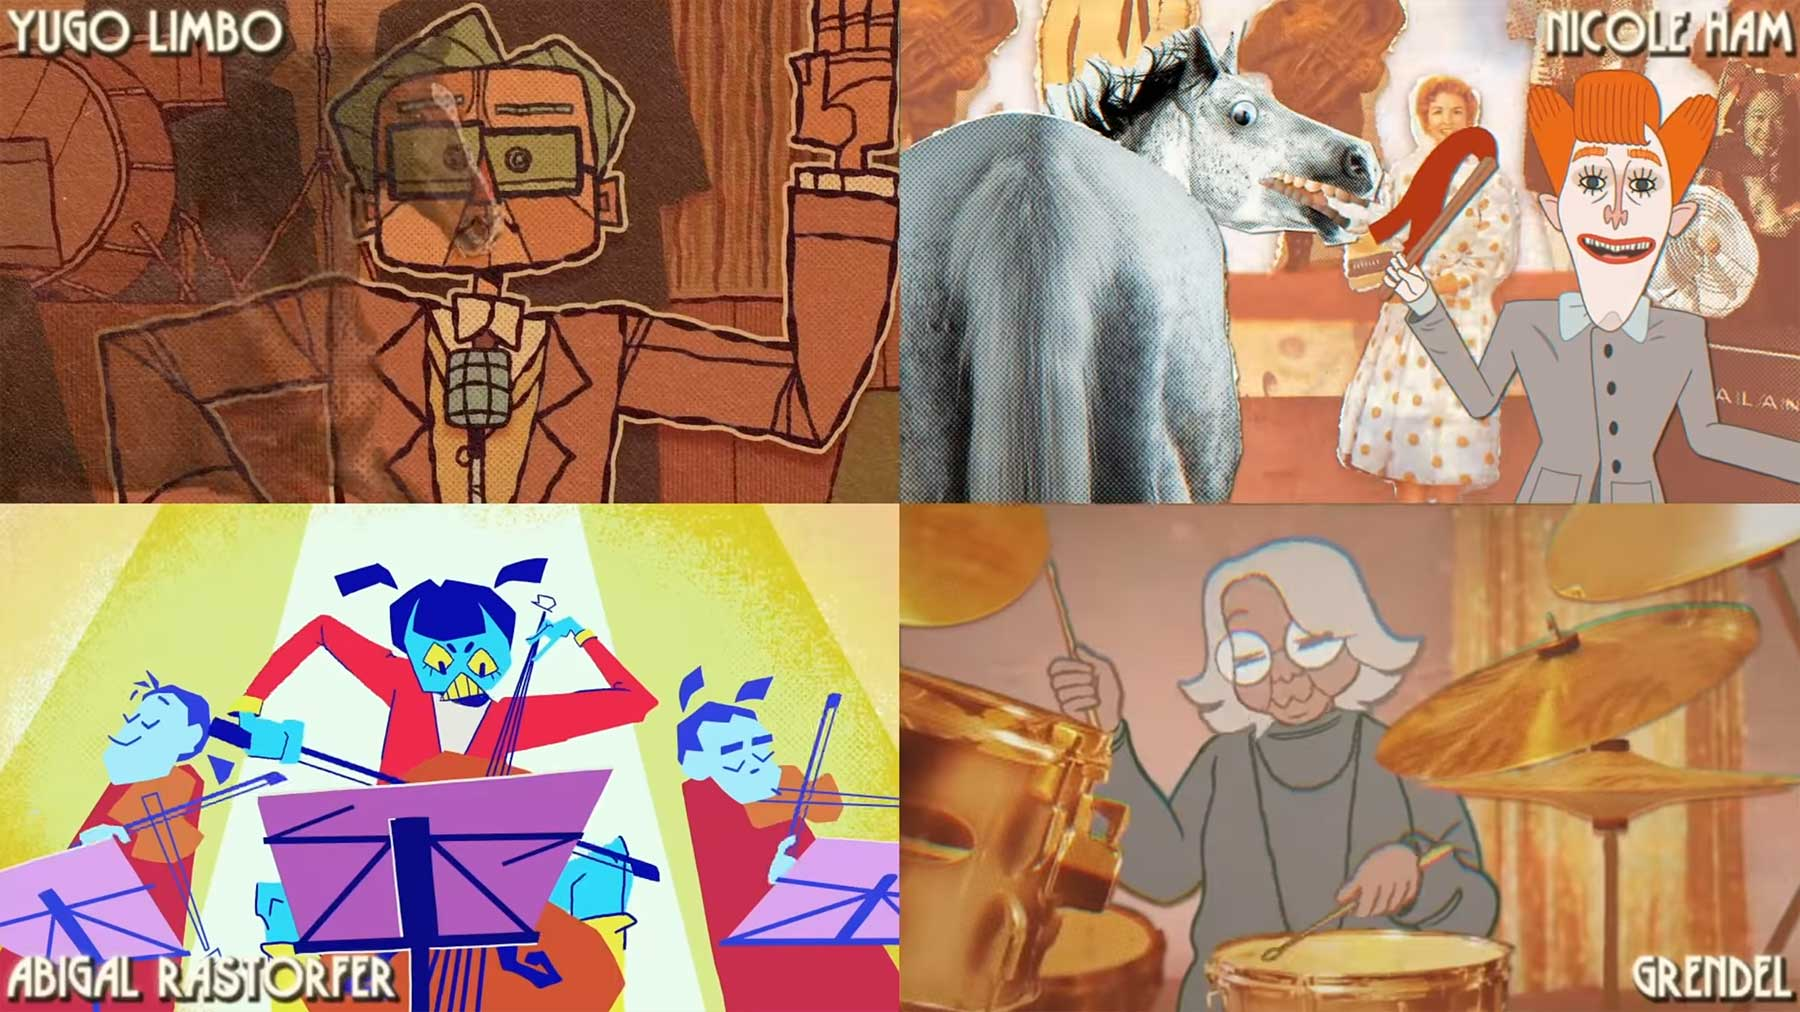 """70 Künstler*innen animierten Musikvideo zu """"Frontier Psychiatrist"""" nach Frontier-Psychiatrist-Reanimated"""